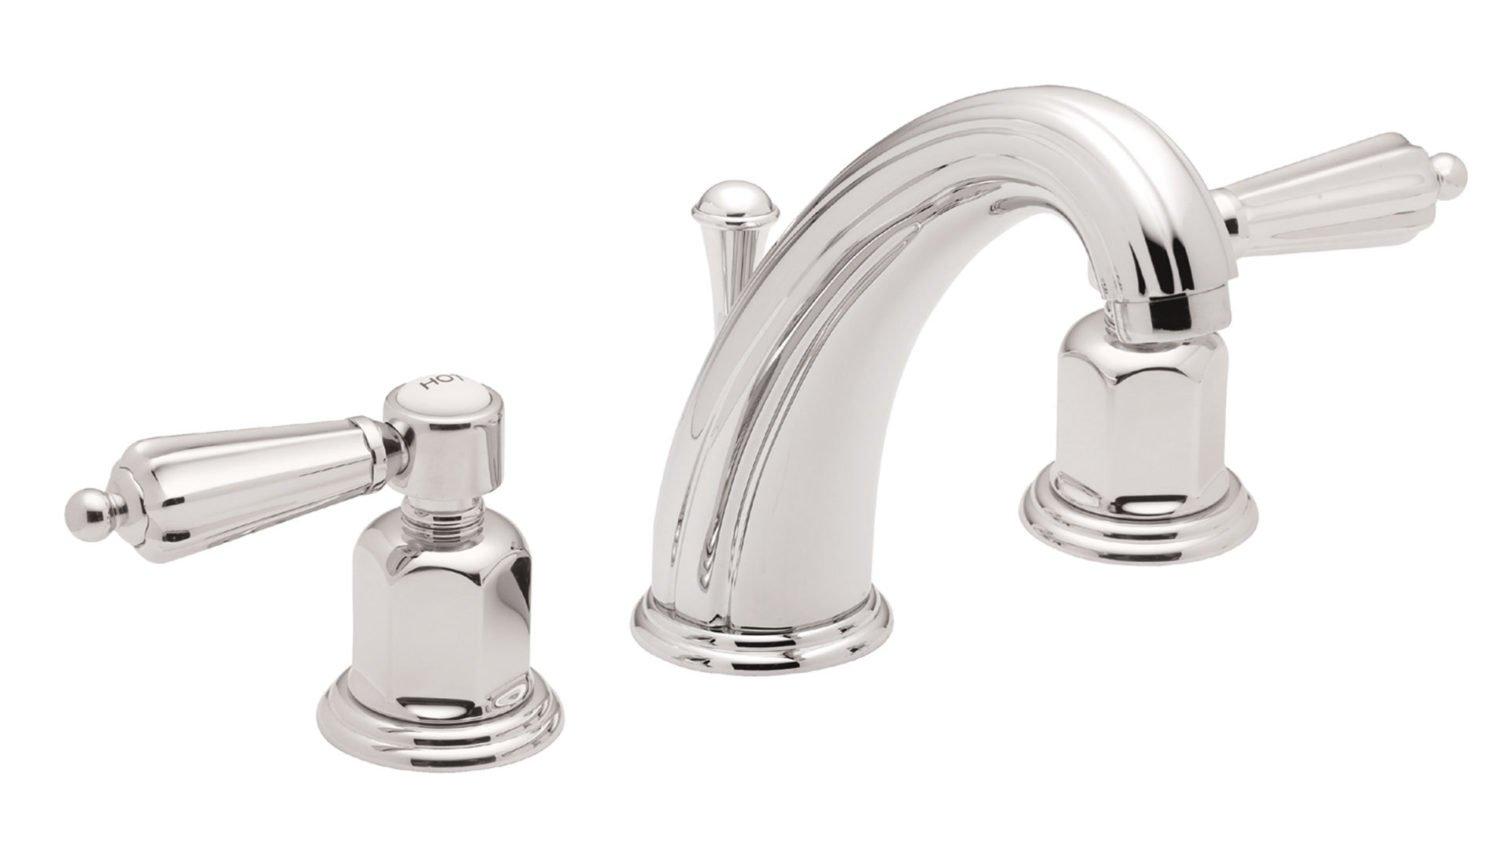 Coronado widespread faucet with 33 series handle